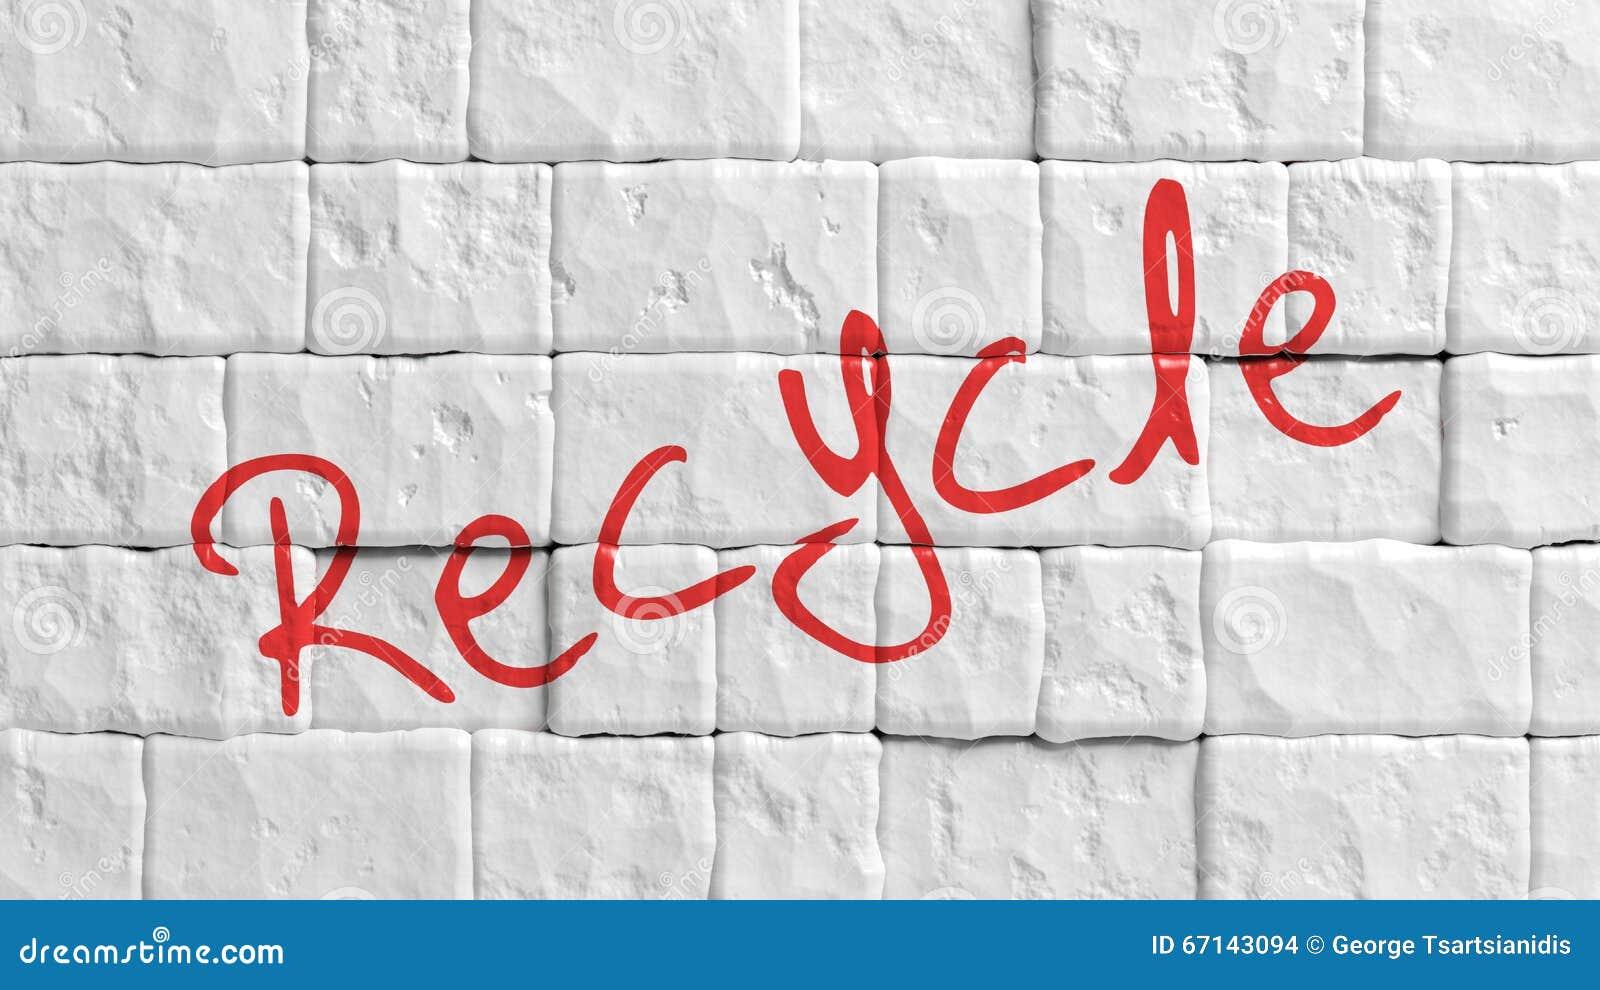 Witte geschilderde bakstenen muur met rood Kringloop